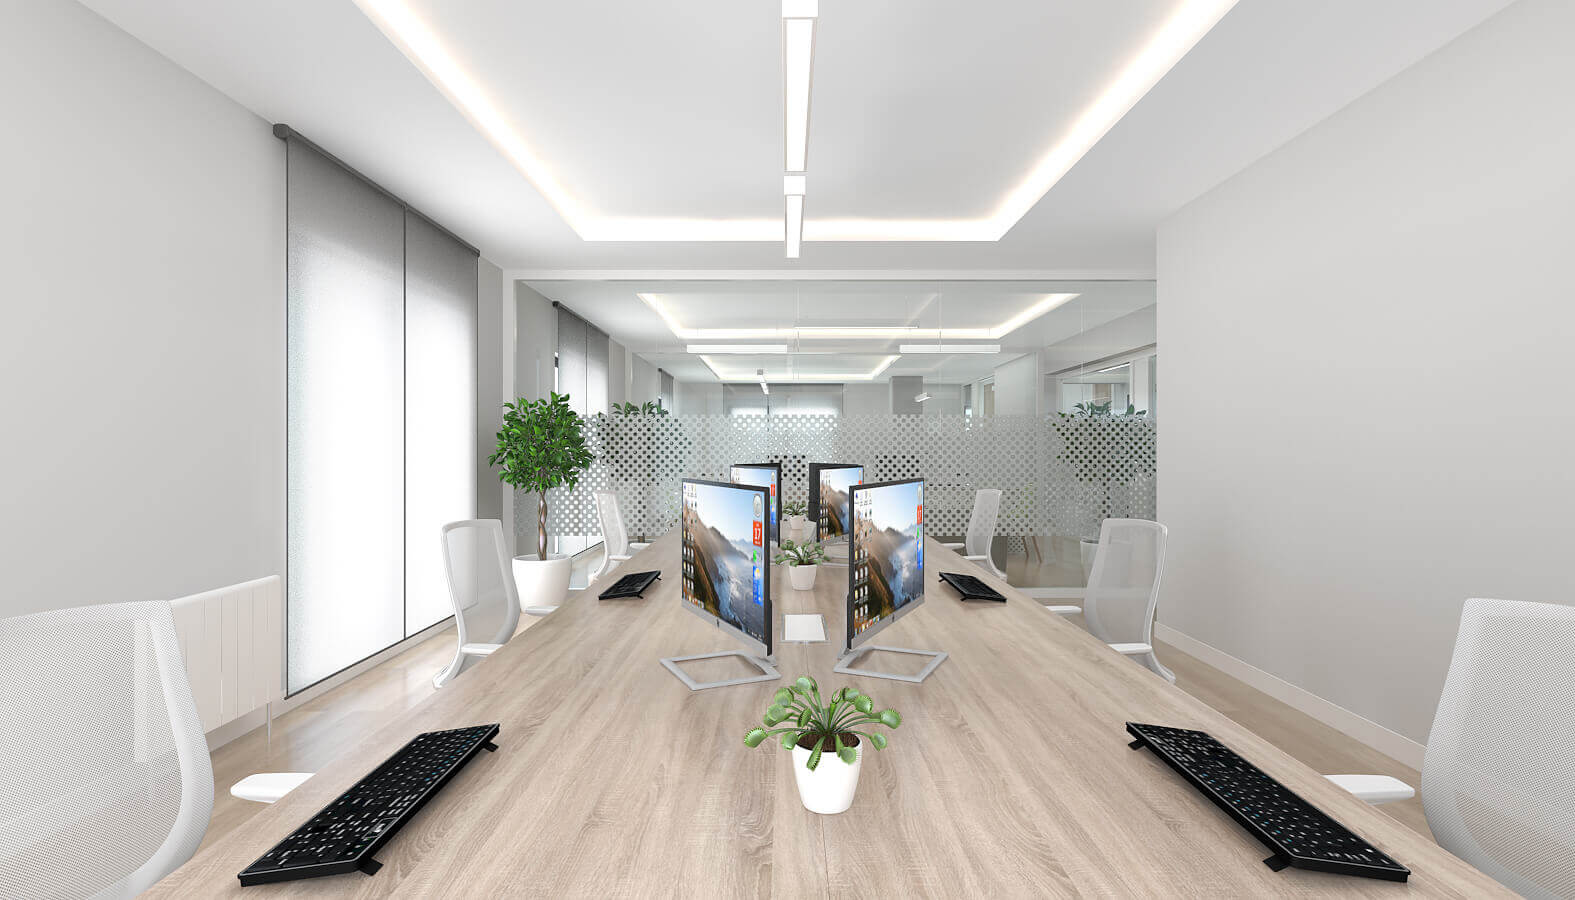 ofis içmimari 3795 Telsam Telekom Ofisler